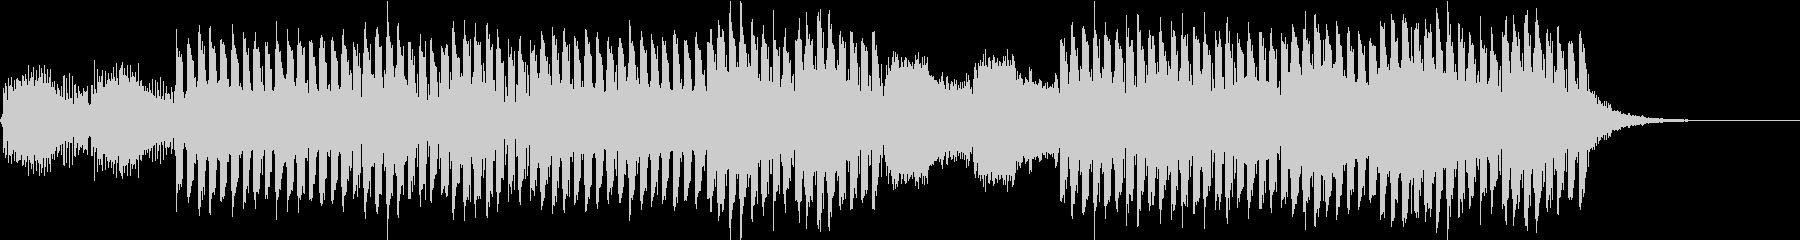 おしゃれかっこいいEDMジングル4の未再生の波形